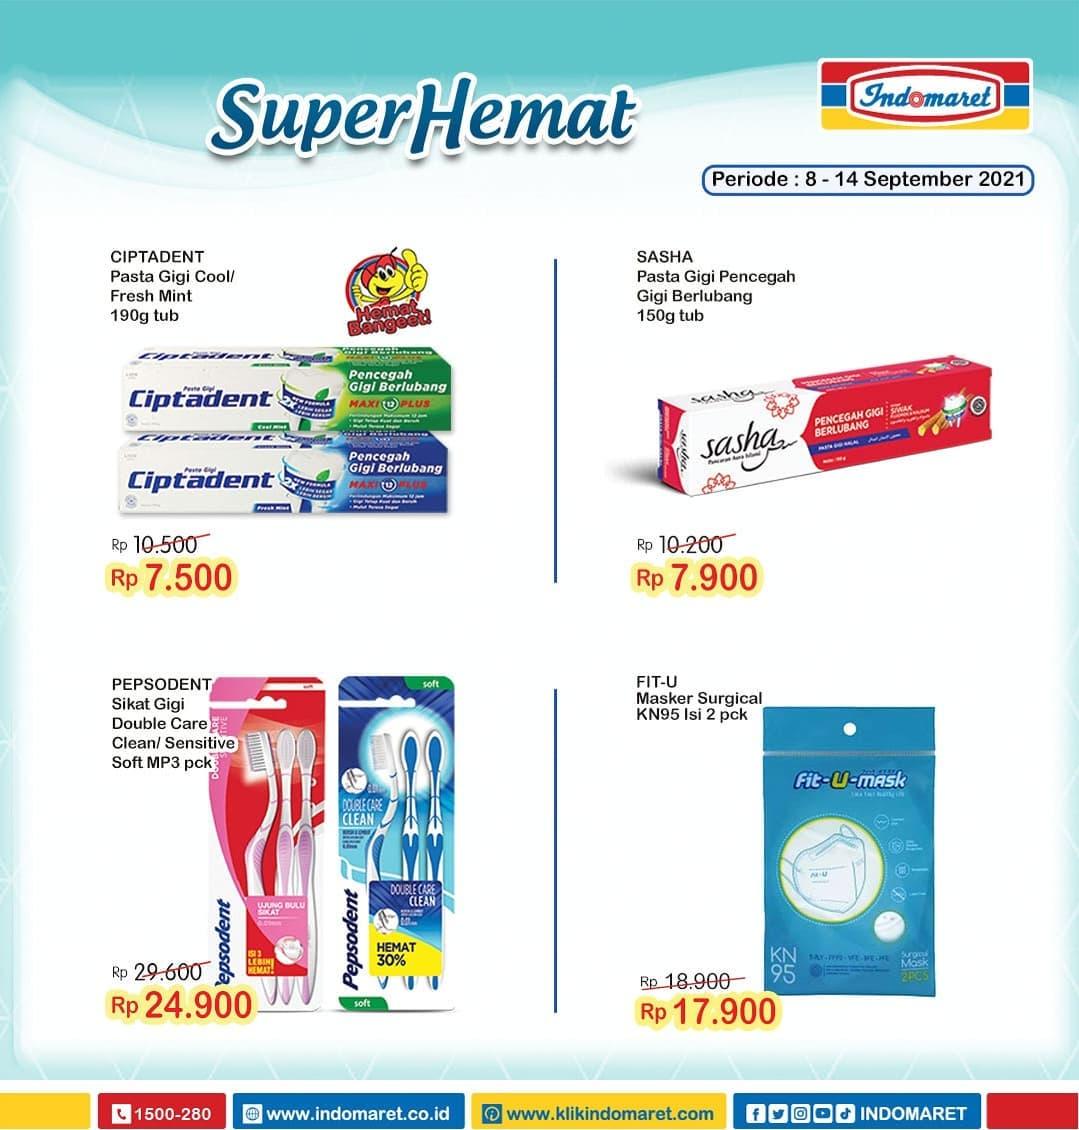 Indomaret Super Hemat